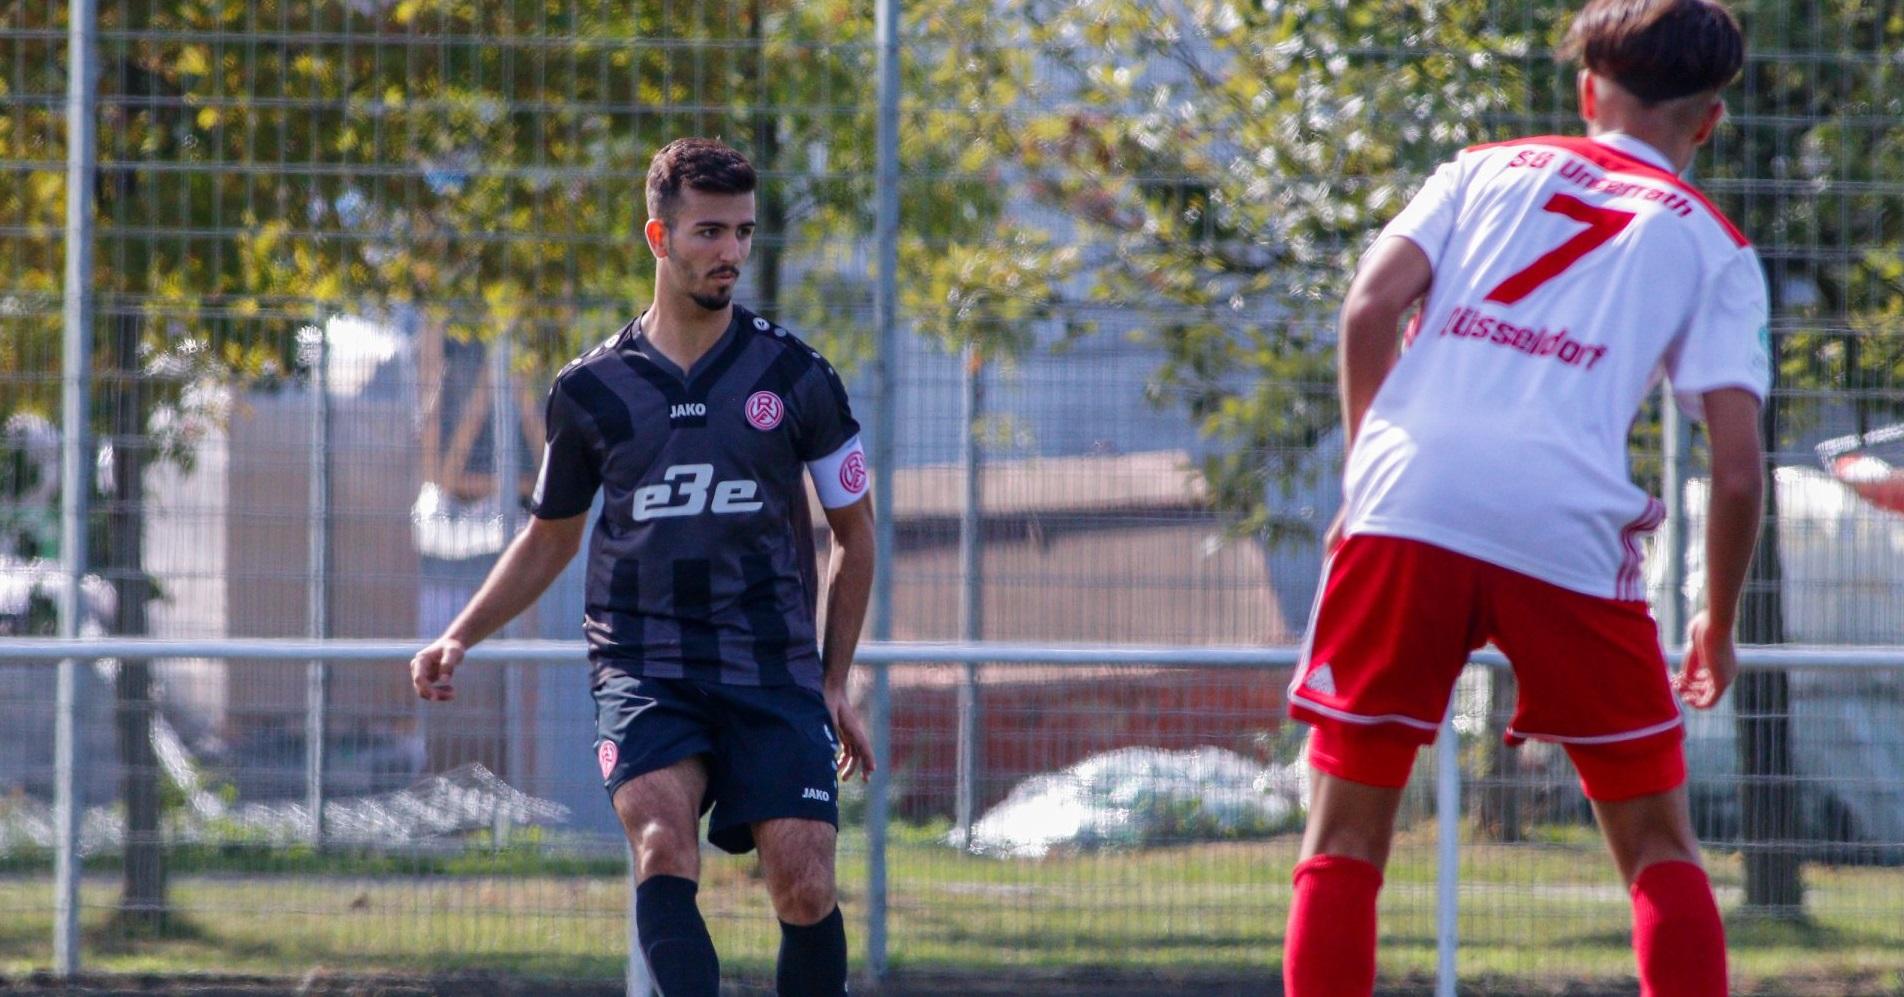 Am kommenden Mittwoch geht es für die U19 in der Liga weiter. (Foto:Breilmannswiese)